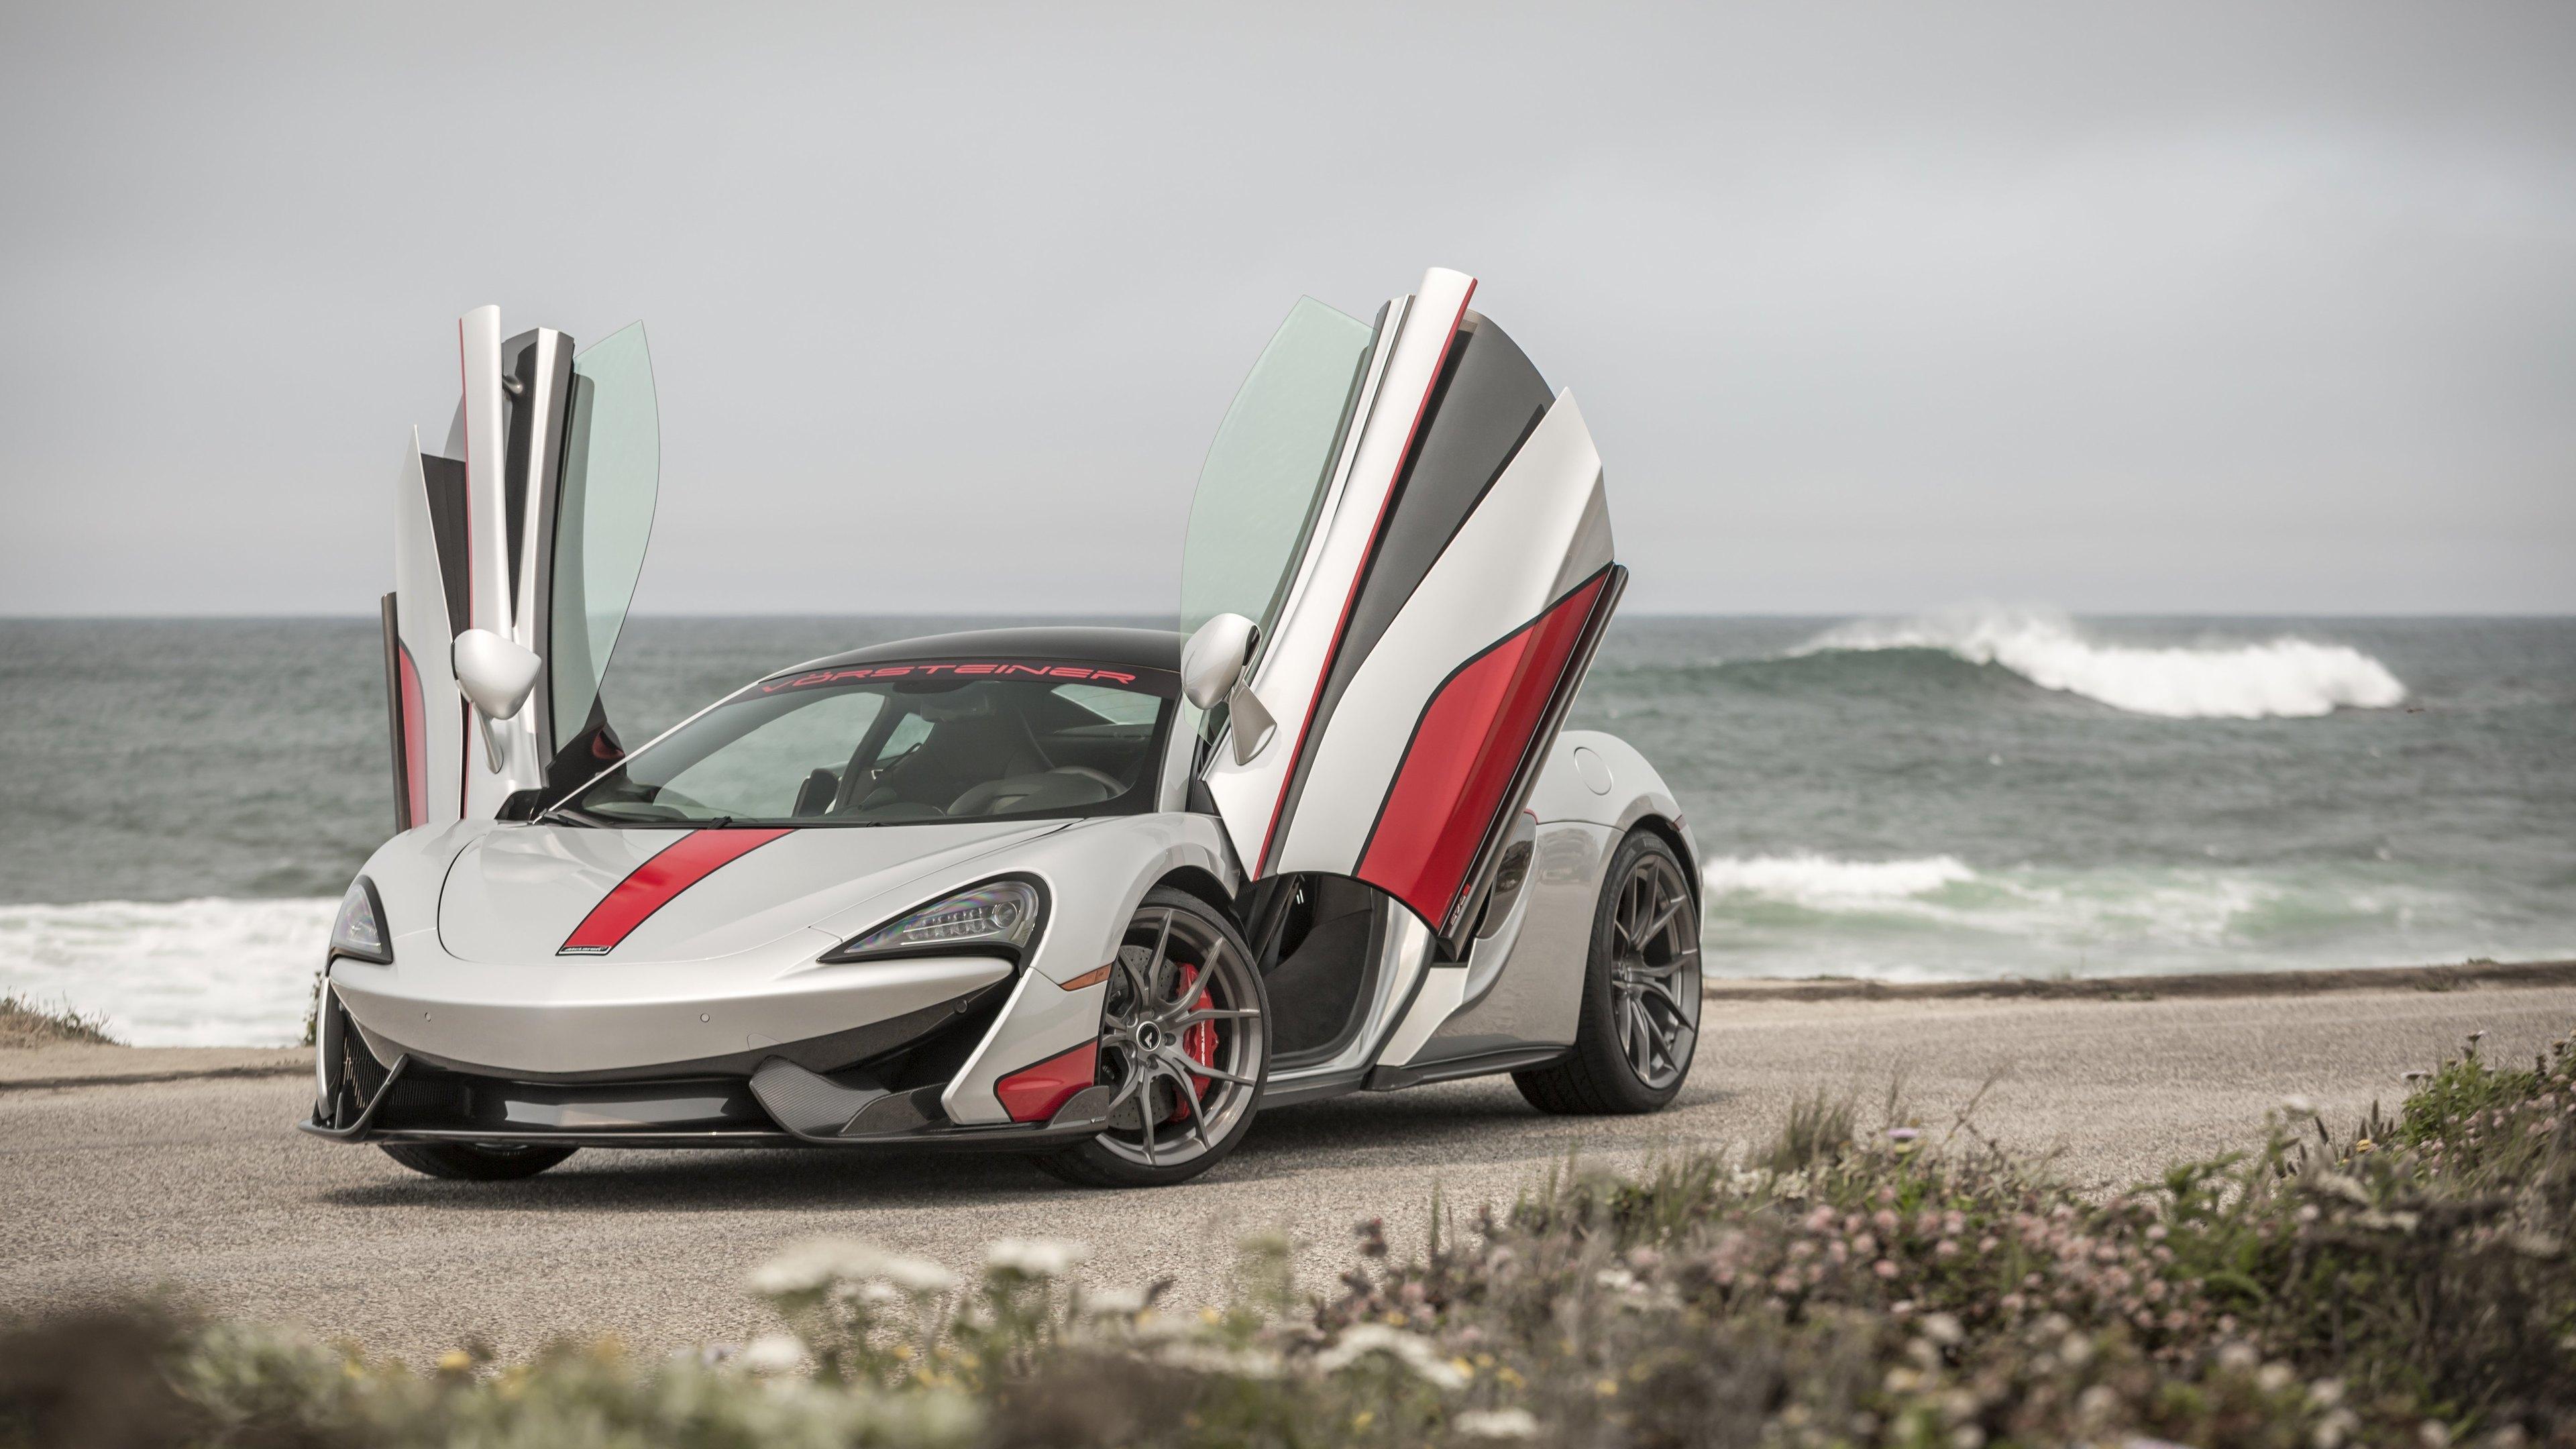 custom gray mclaren 570s with vertical doors 4k 1546362180 - Custom Gray McLaren 570S With Vertical Doors 4k - mclaren wallpapers, mclaren 570s spider wallpapers, hd-wallpapers, cars wallpapers, 4k-wallpapers, 2018 cars wallpapers